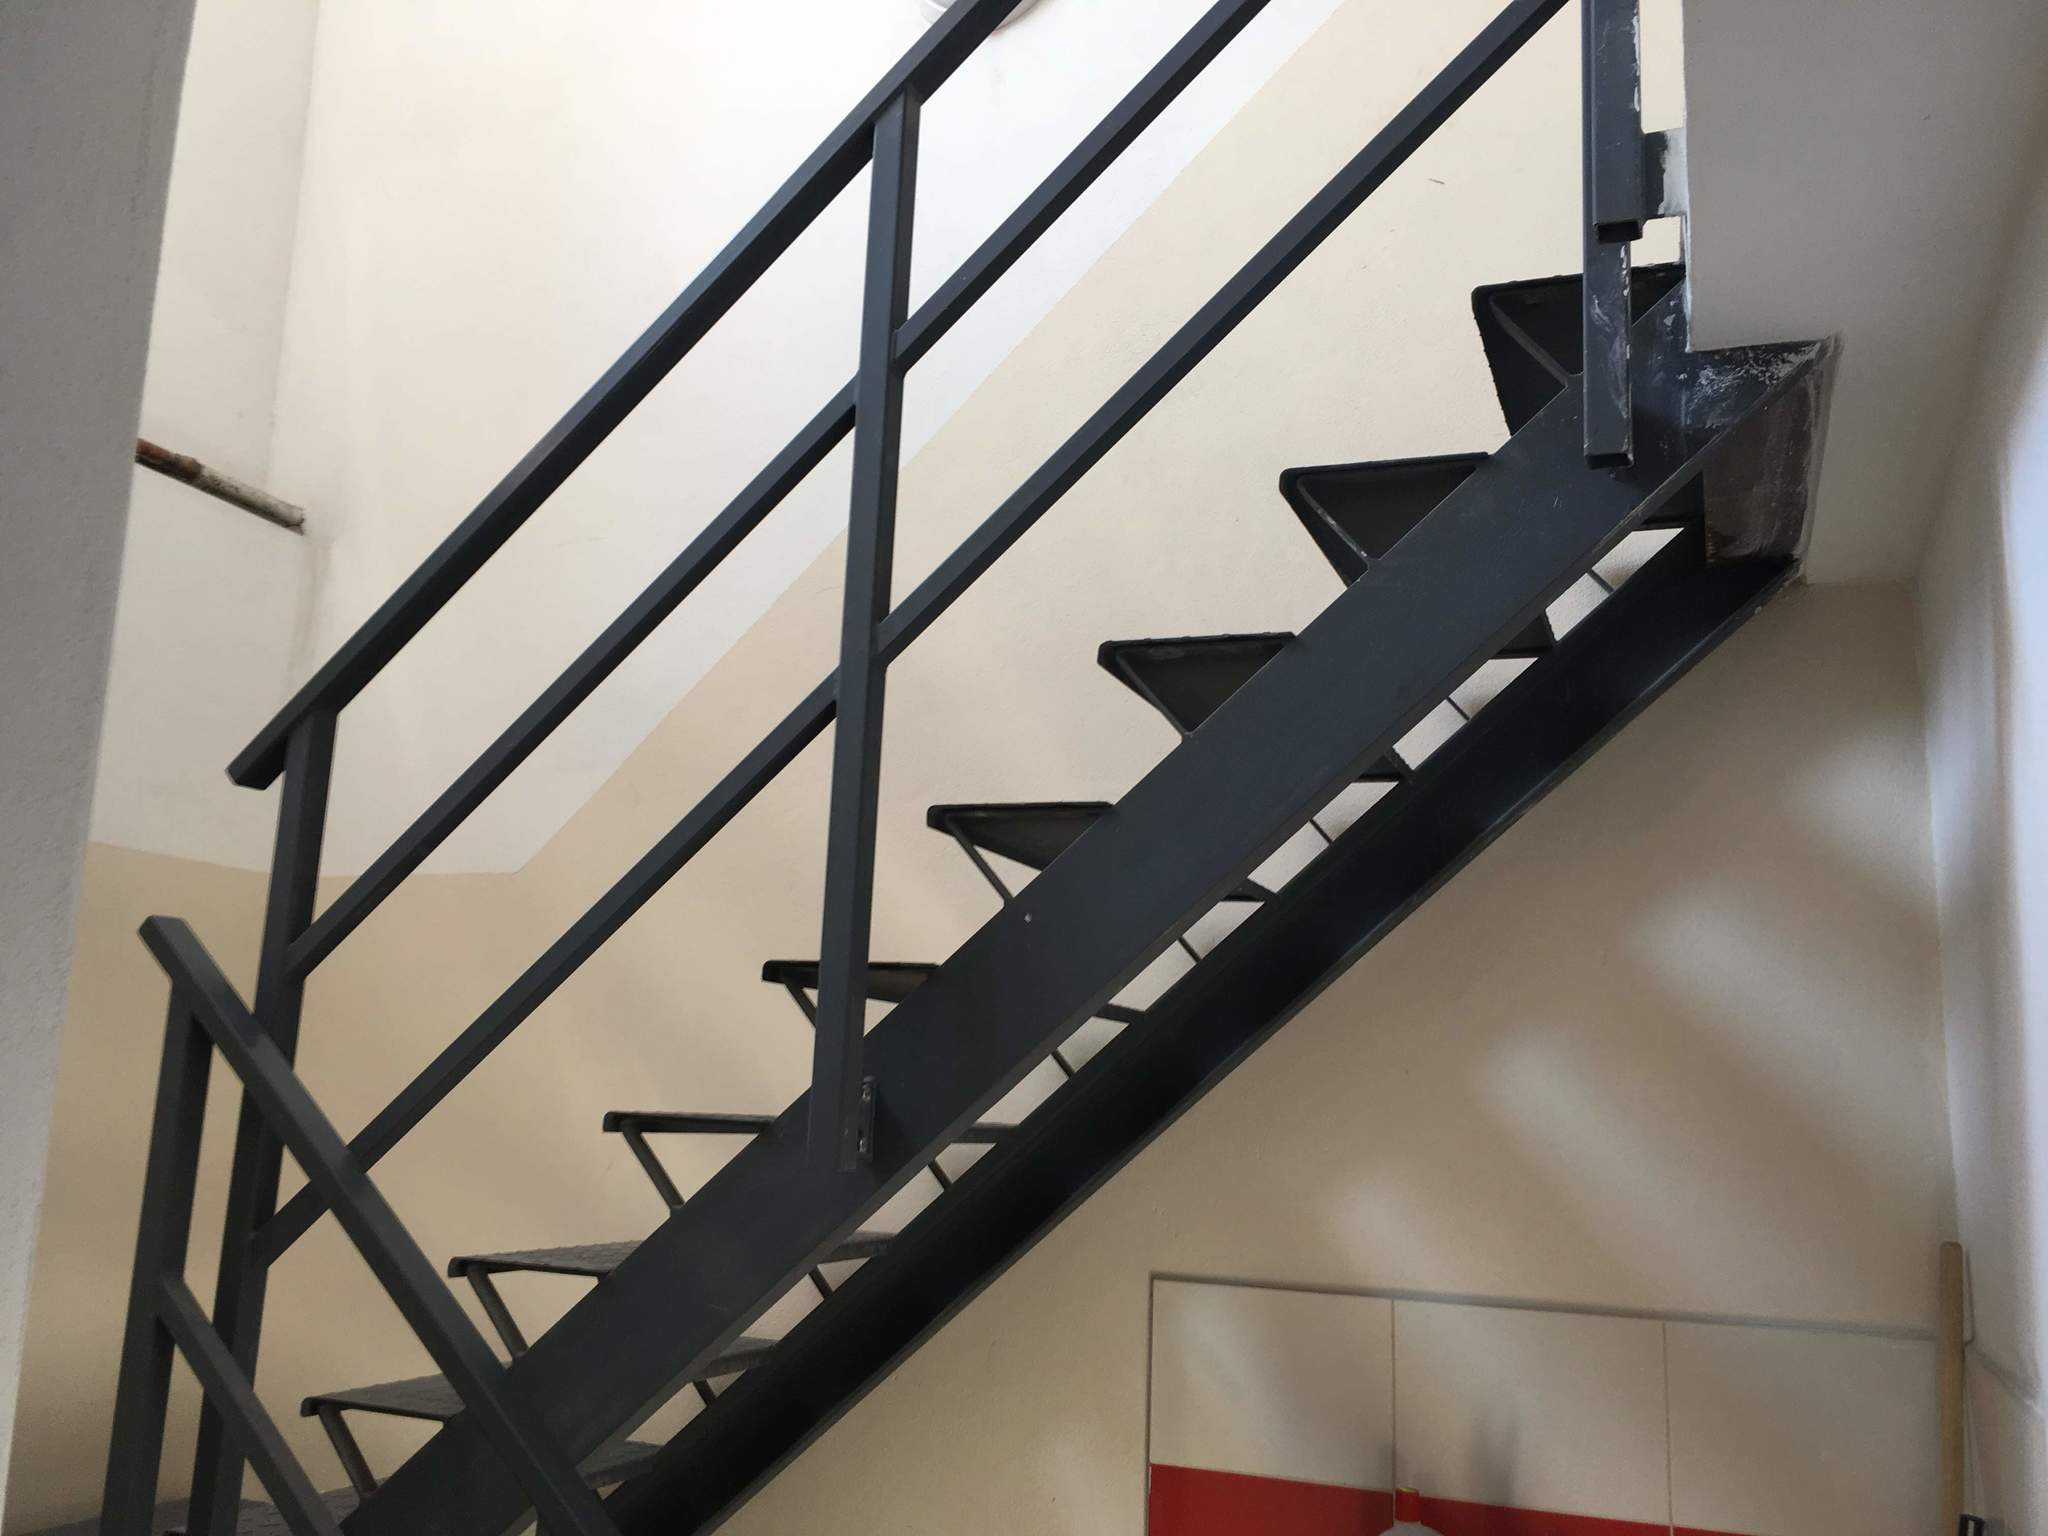 Treppen mit Landung und Geländer, Grundfarbe